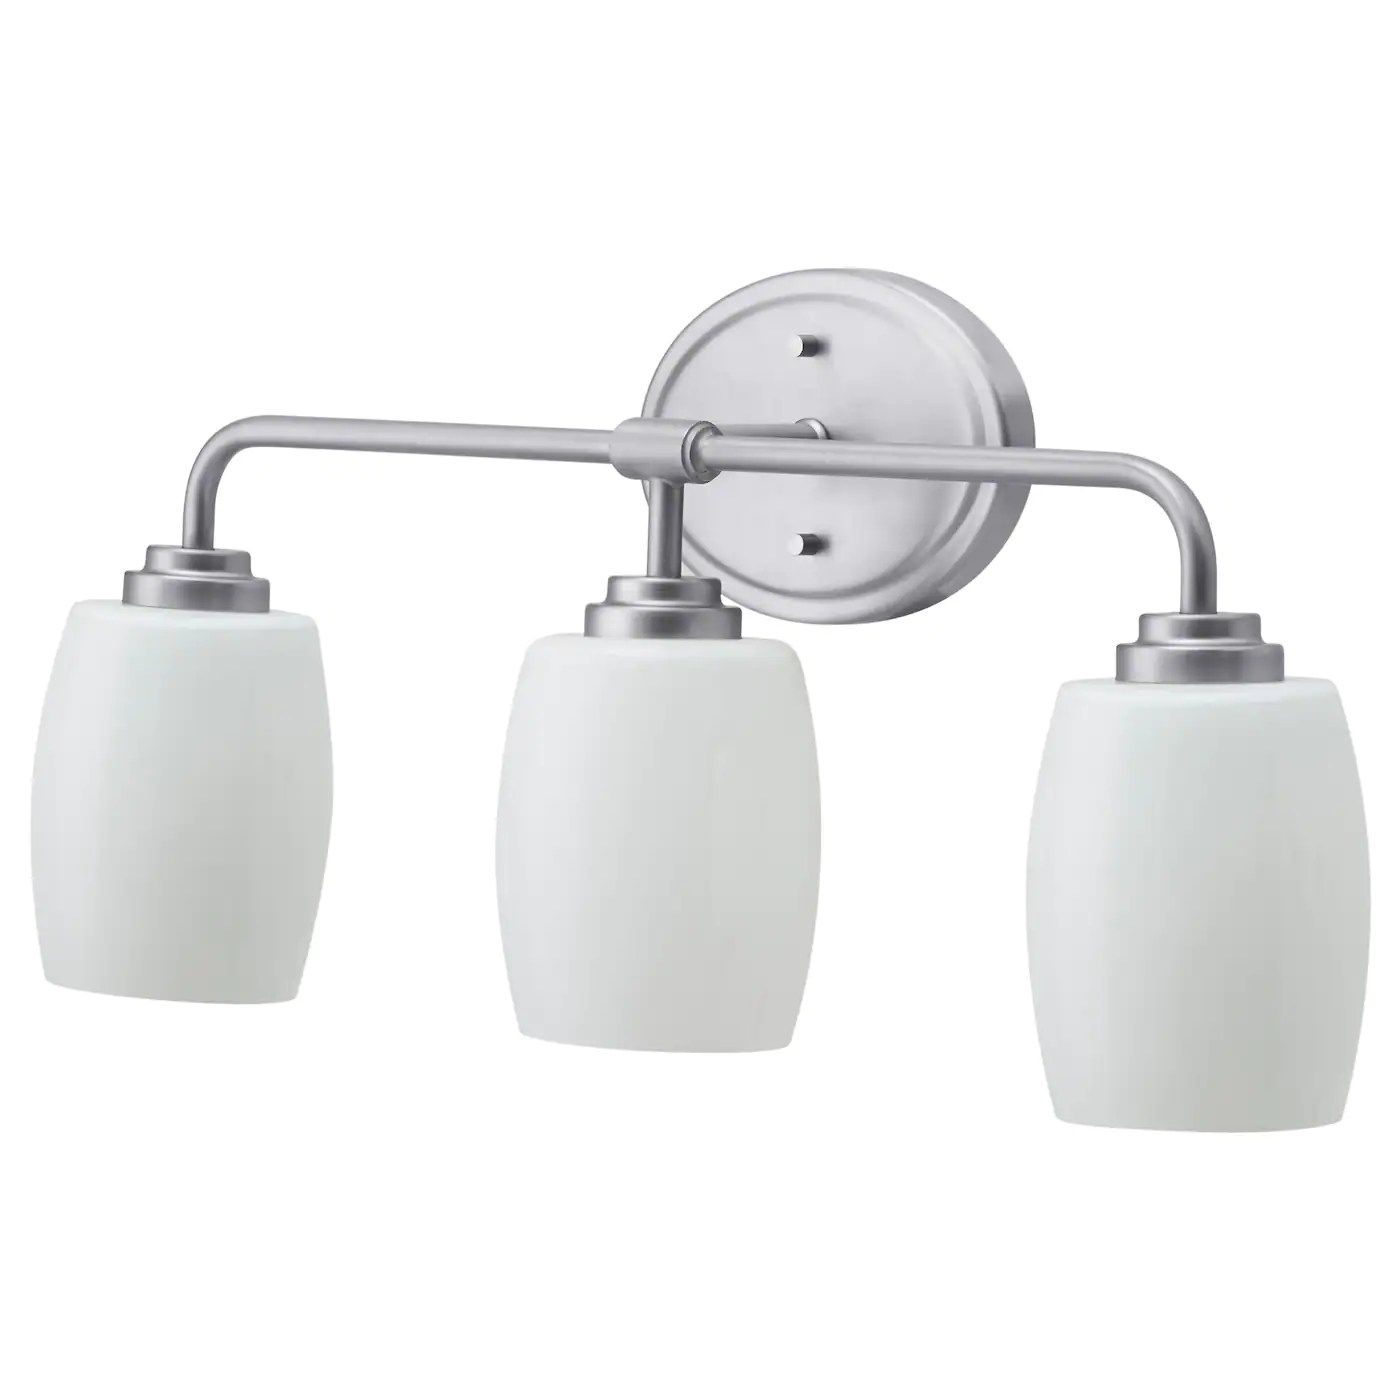 vallmora wall lamp 3 spots nickel plated